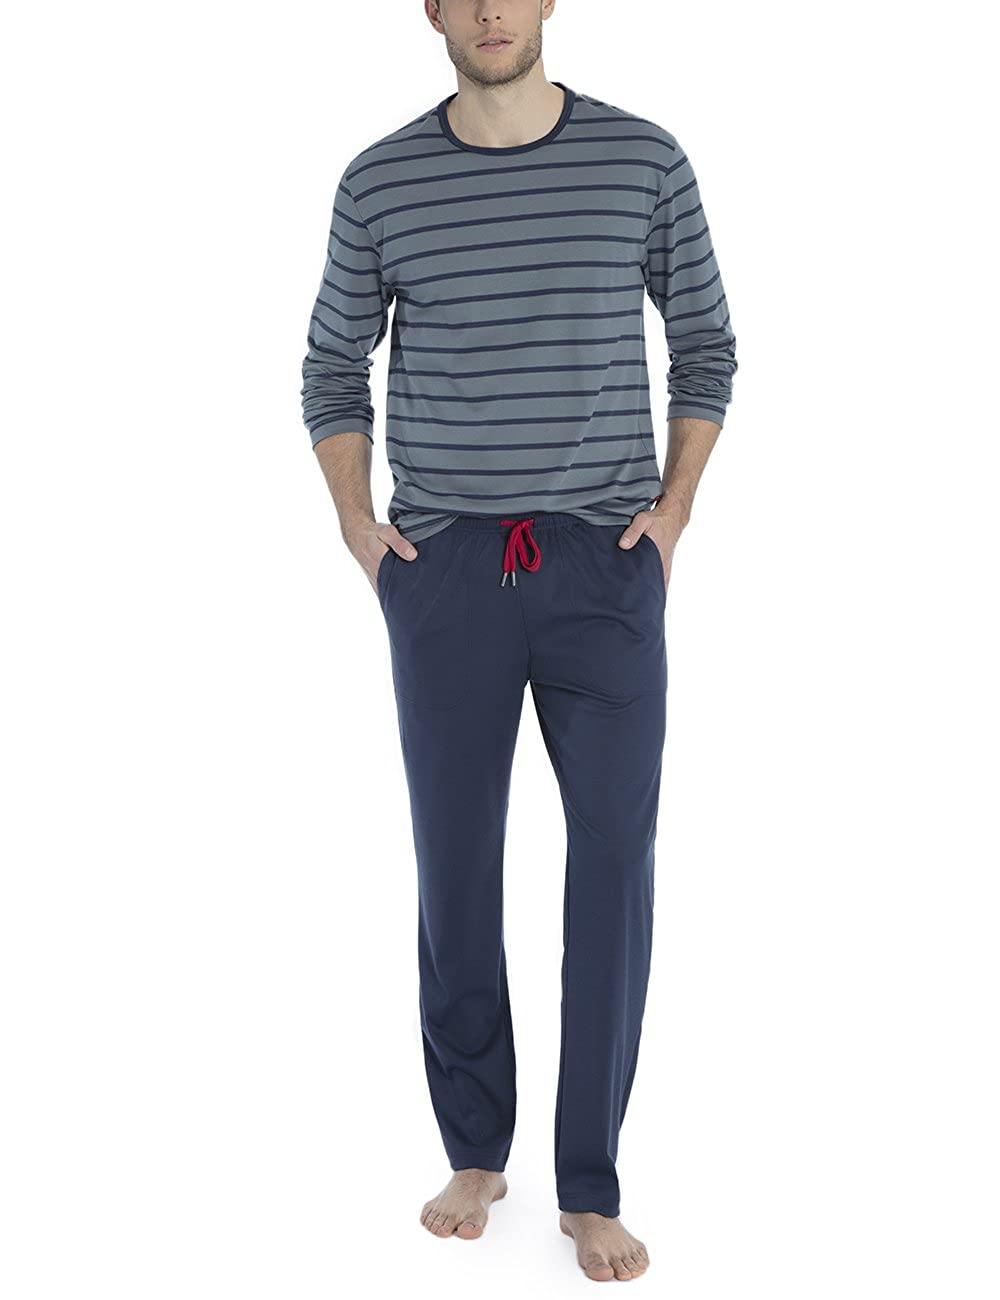 Calida Herren Zweiteiliger Schlafanzug Joris B079QF47X4 Schlafanzüge Won hoch geschätzt geschätzt geschätzt und weithin Grünraut im in- und Ausland Grünraut b34466